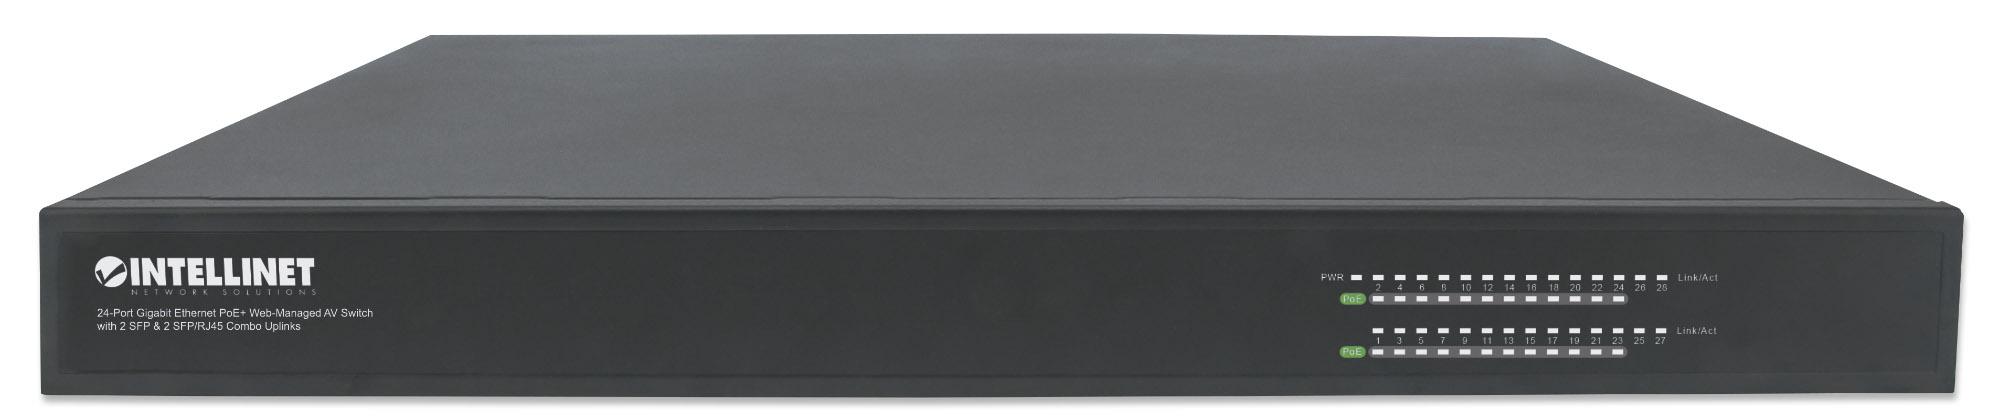 24-Port Gigabit Ethernet PoE+ Web-Managed AV Switch with 2 SFP & 2 SFP/RJ45 Combo Uplinks